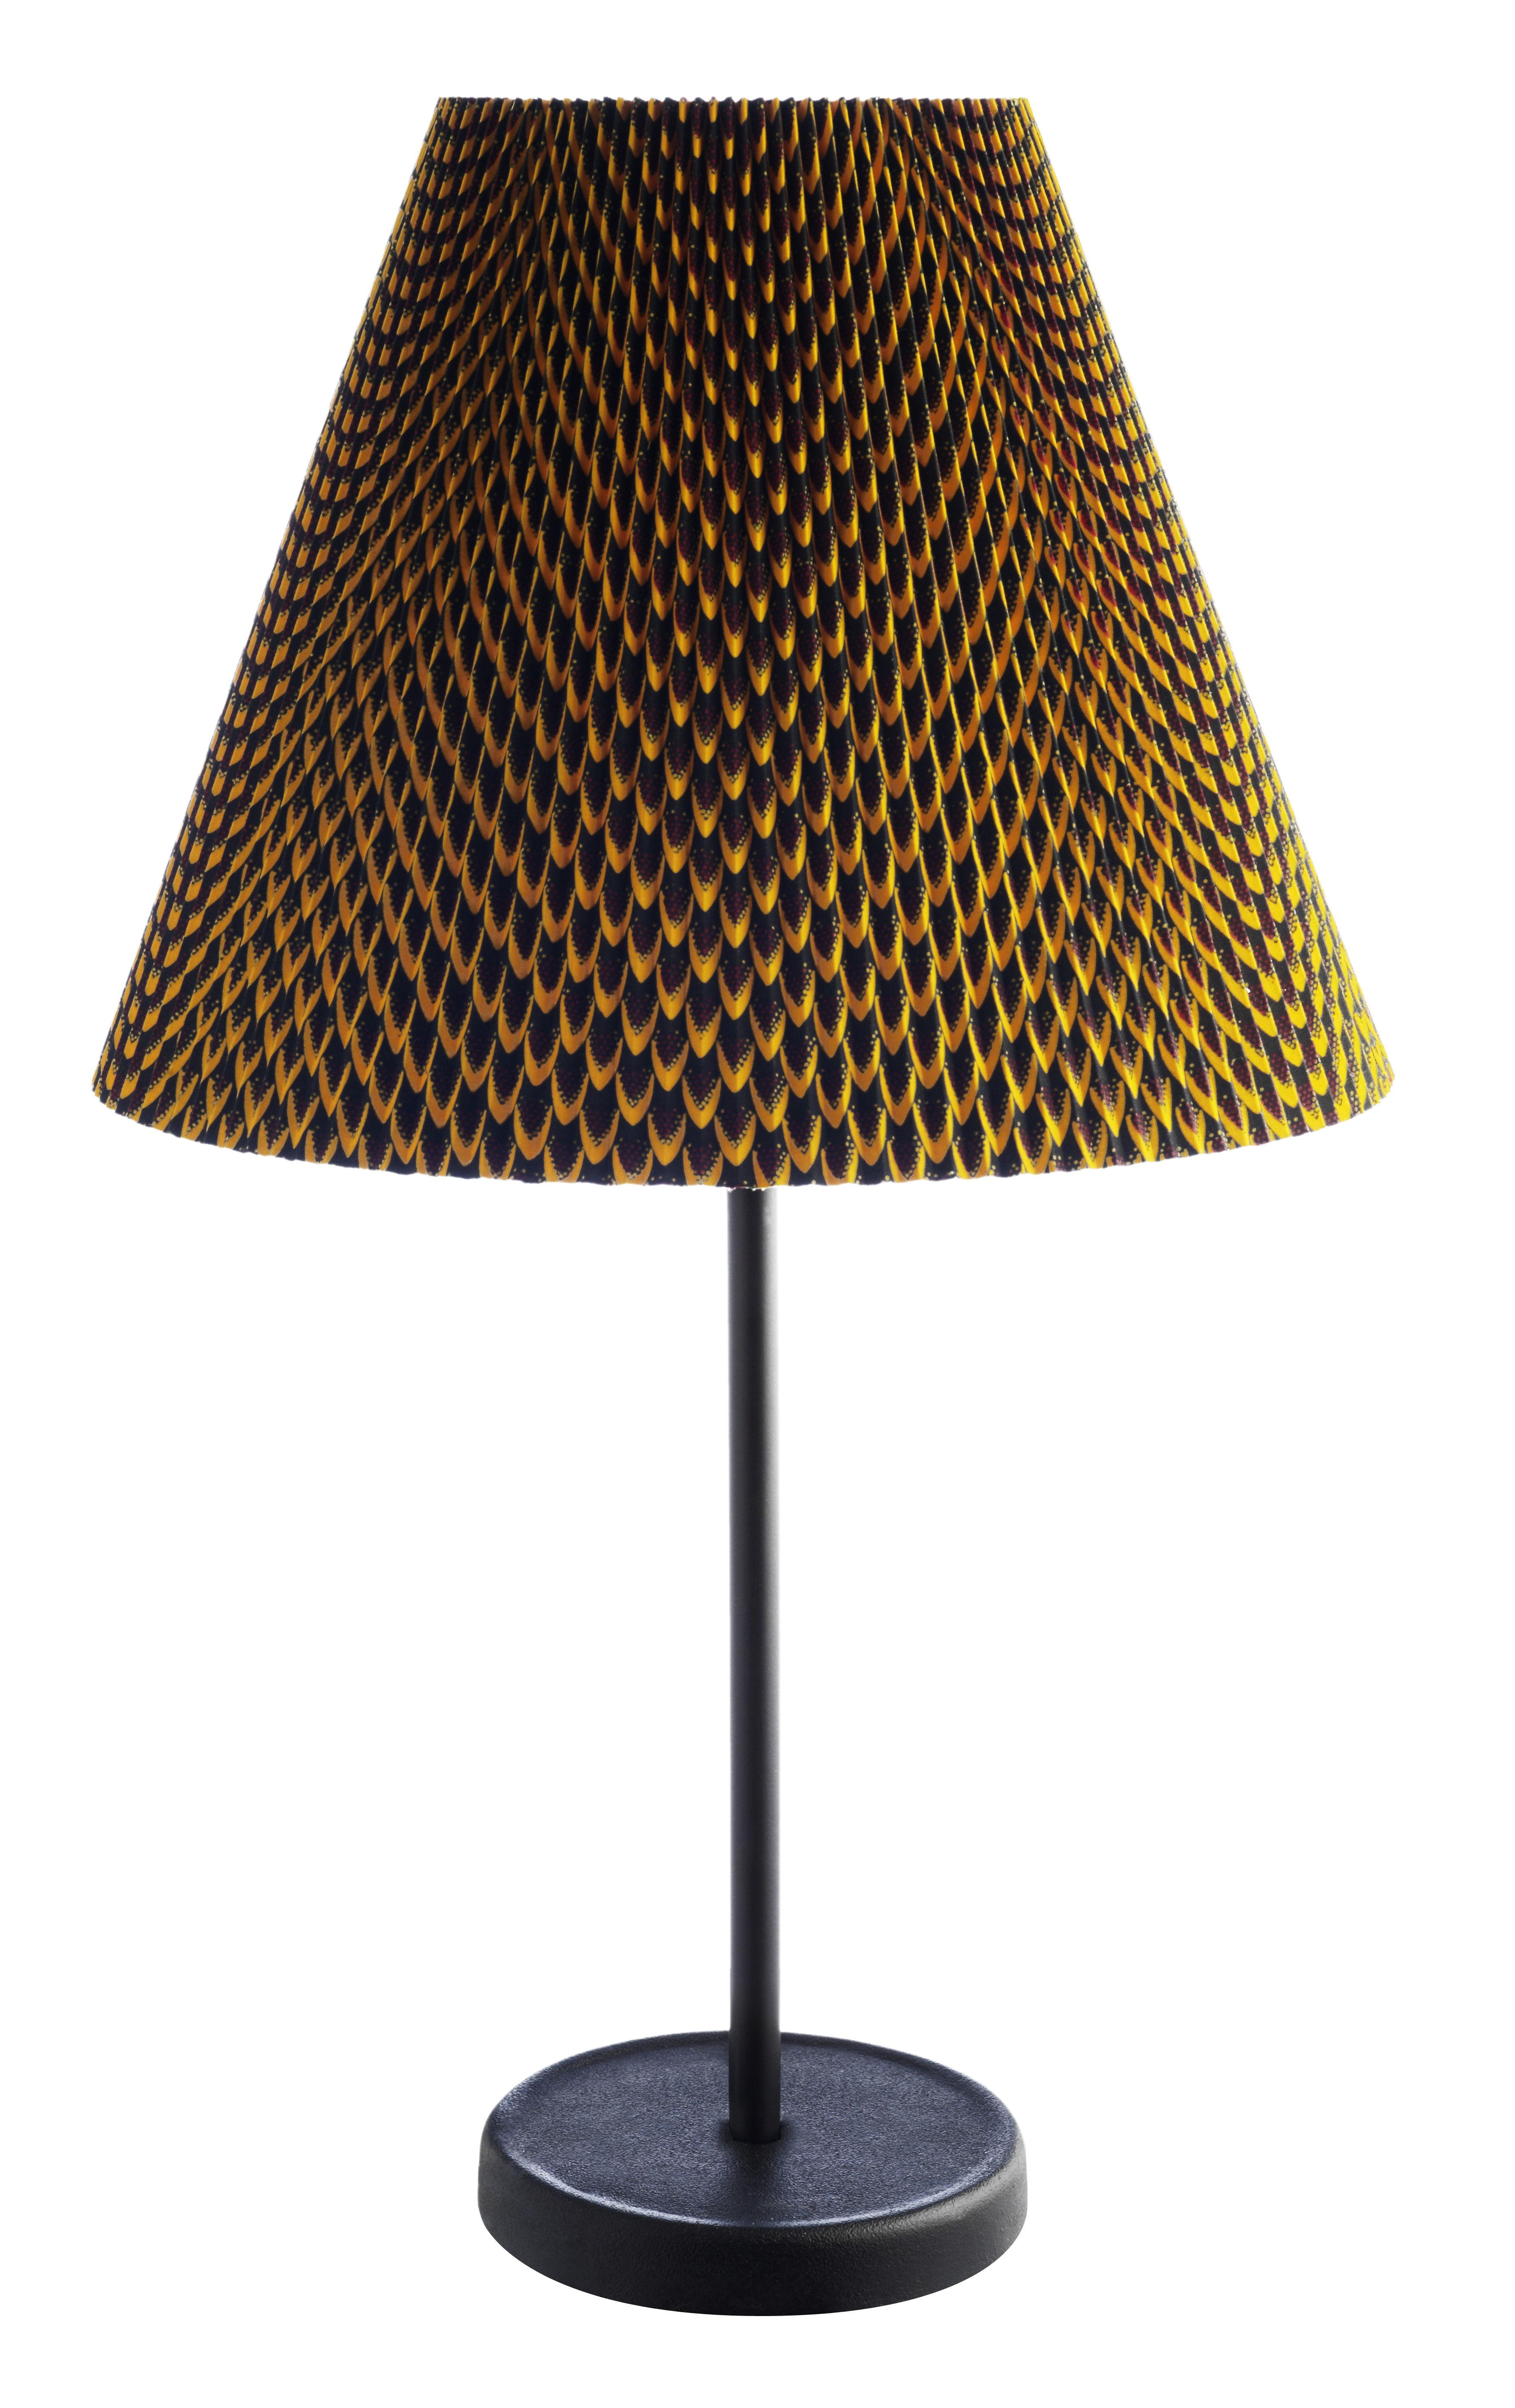 Lampe de table Accordéon Fishscale Métal & tissu Wax by Vlisco Jaune & bordeaux Motifs